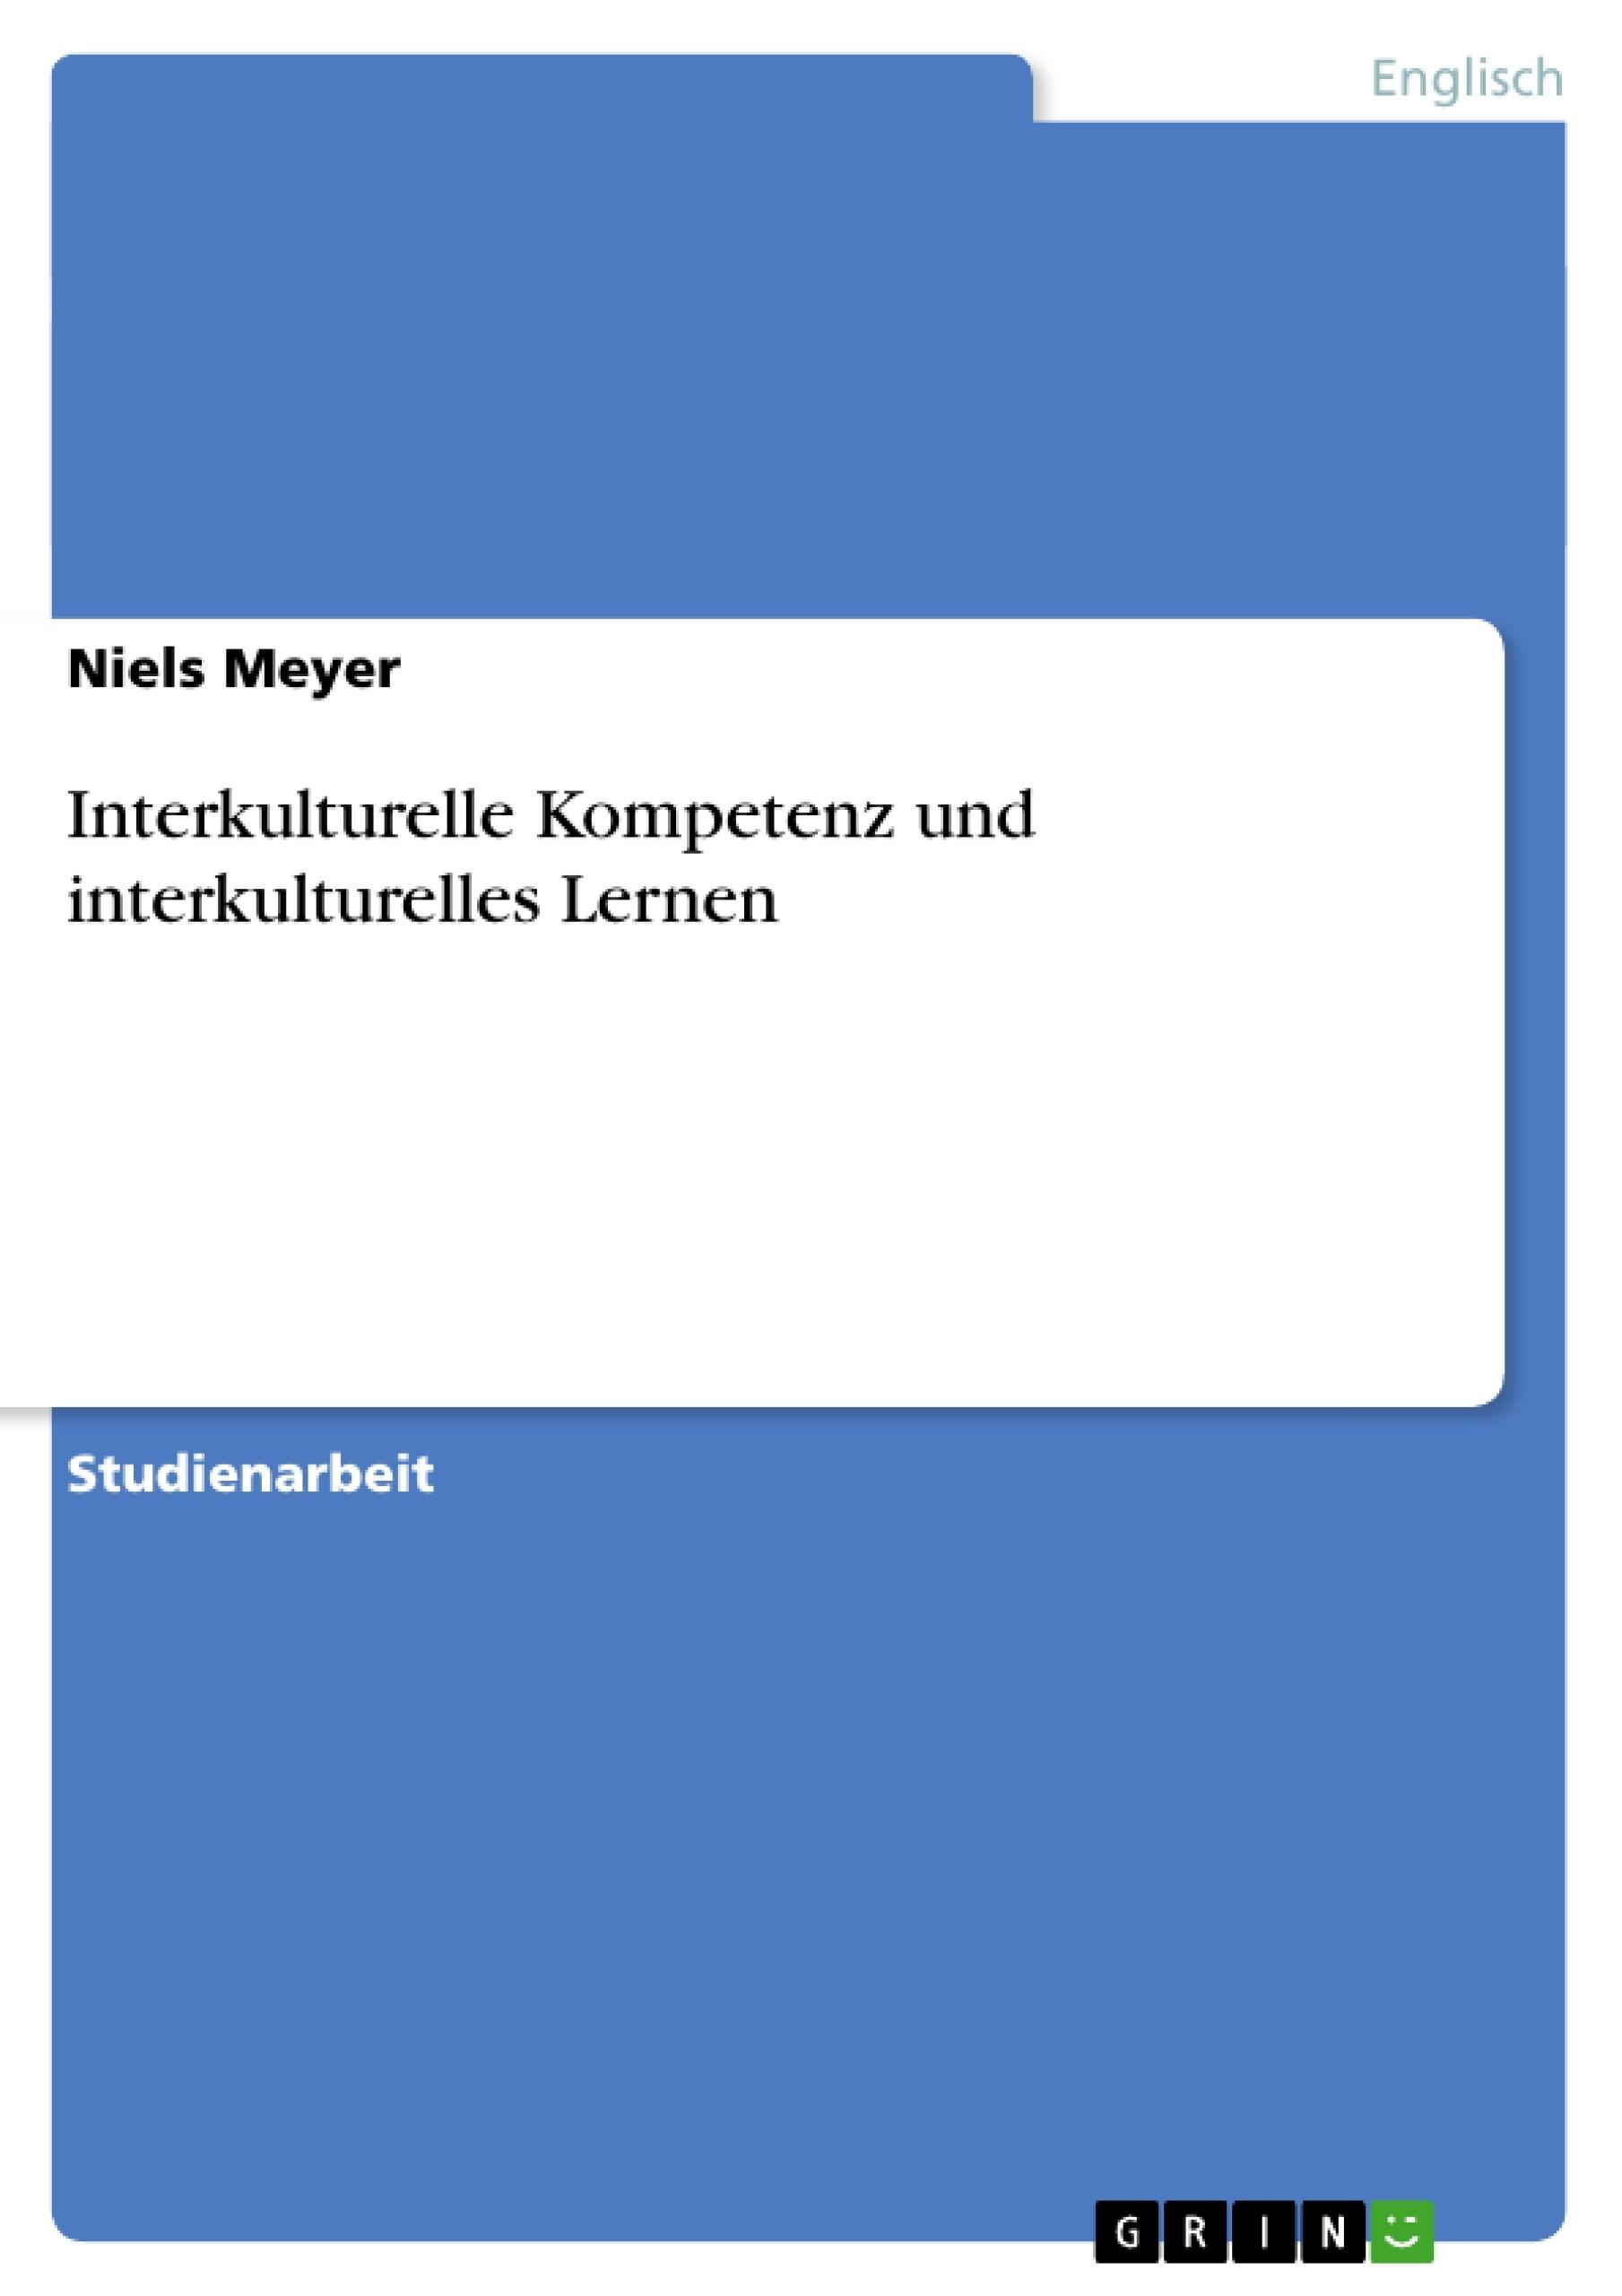 Titel: Interkulturelle Kompetenz und interkulturelles Lernen